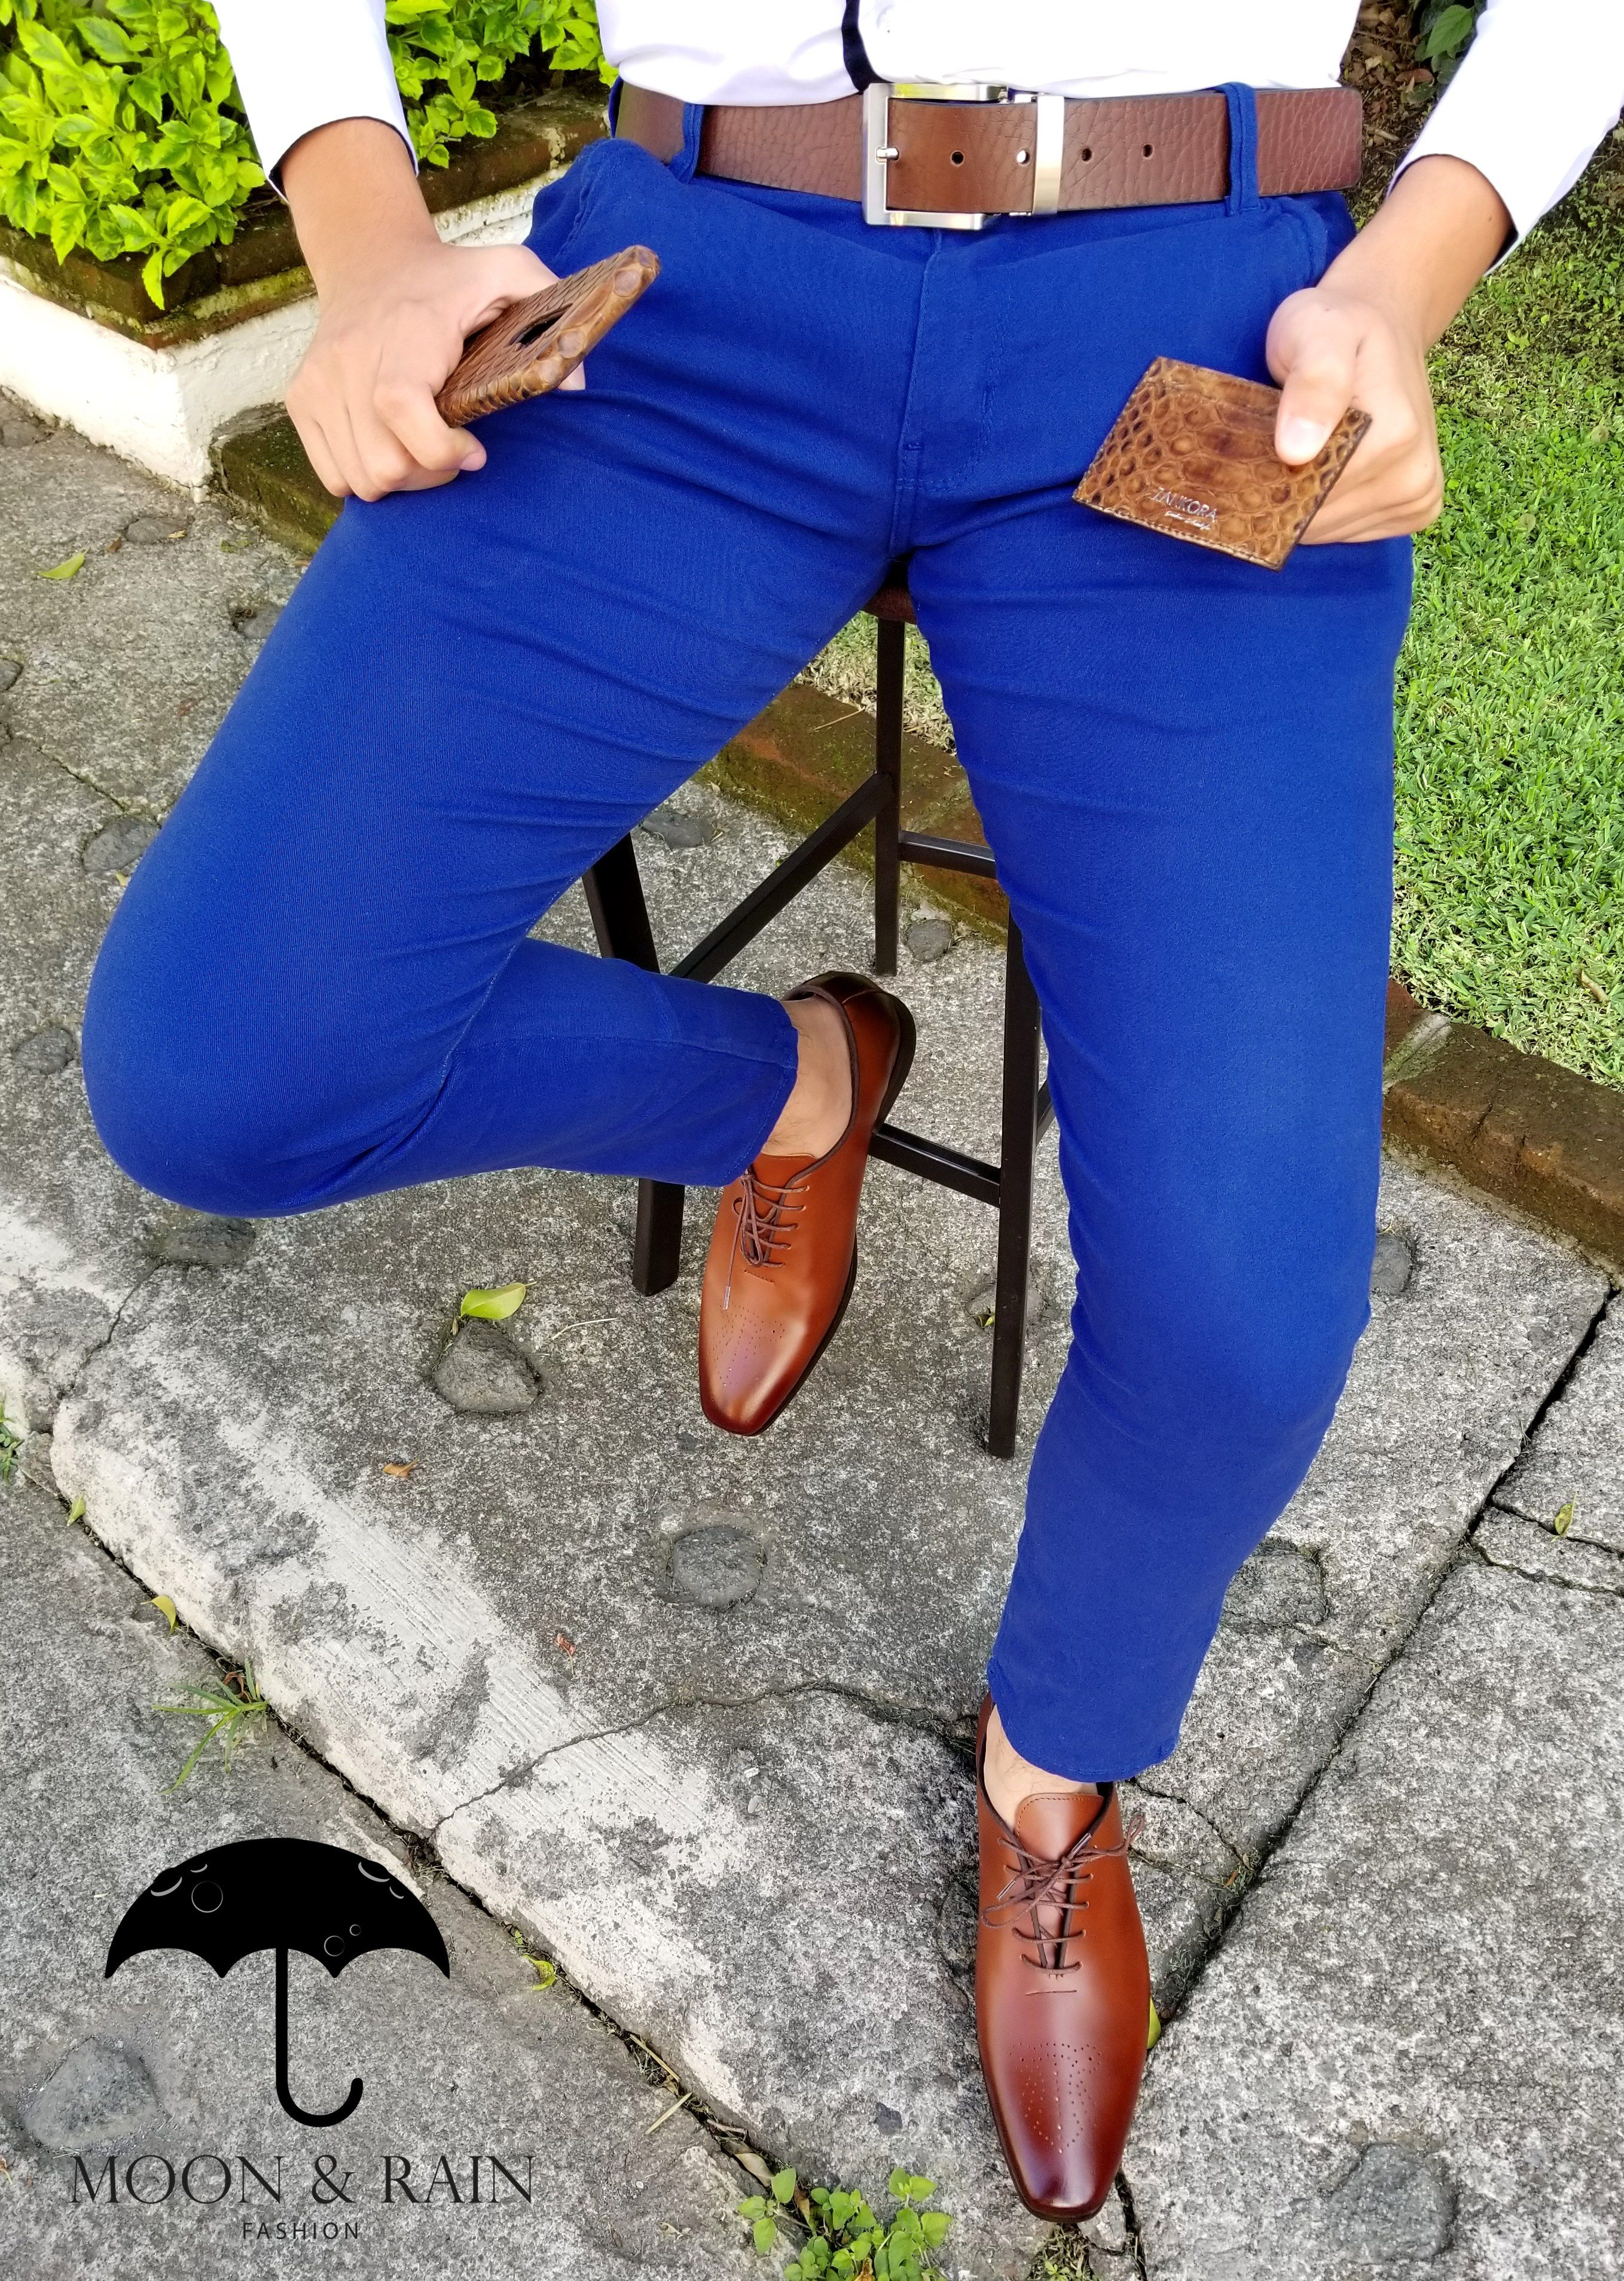 Outfit Para Hombre Camisa Blanca Slim Fit Pantalon De Gabardina Azul Rey Funda Y Ta Ropa Sport Elegante Hombre Ropa De Hombre Casual Elegante Ropa De Hombre